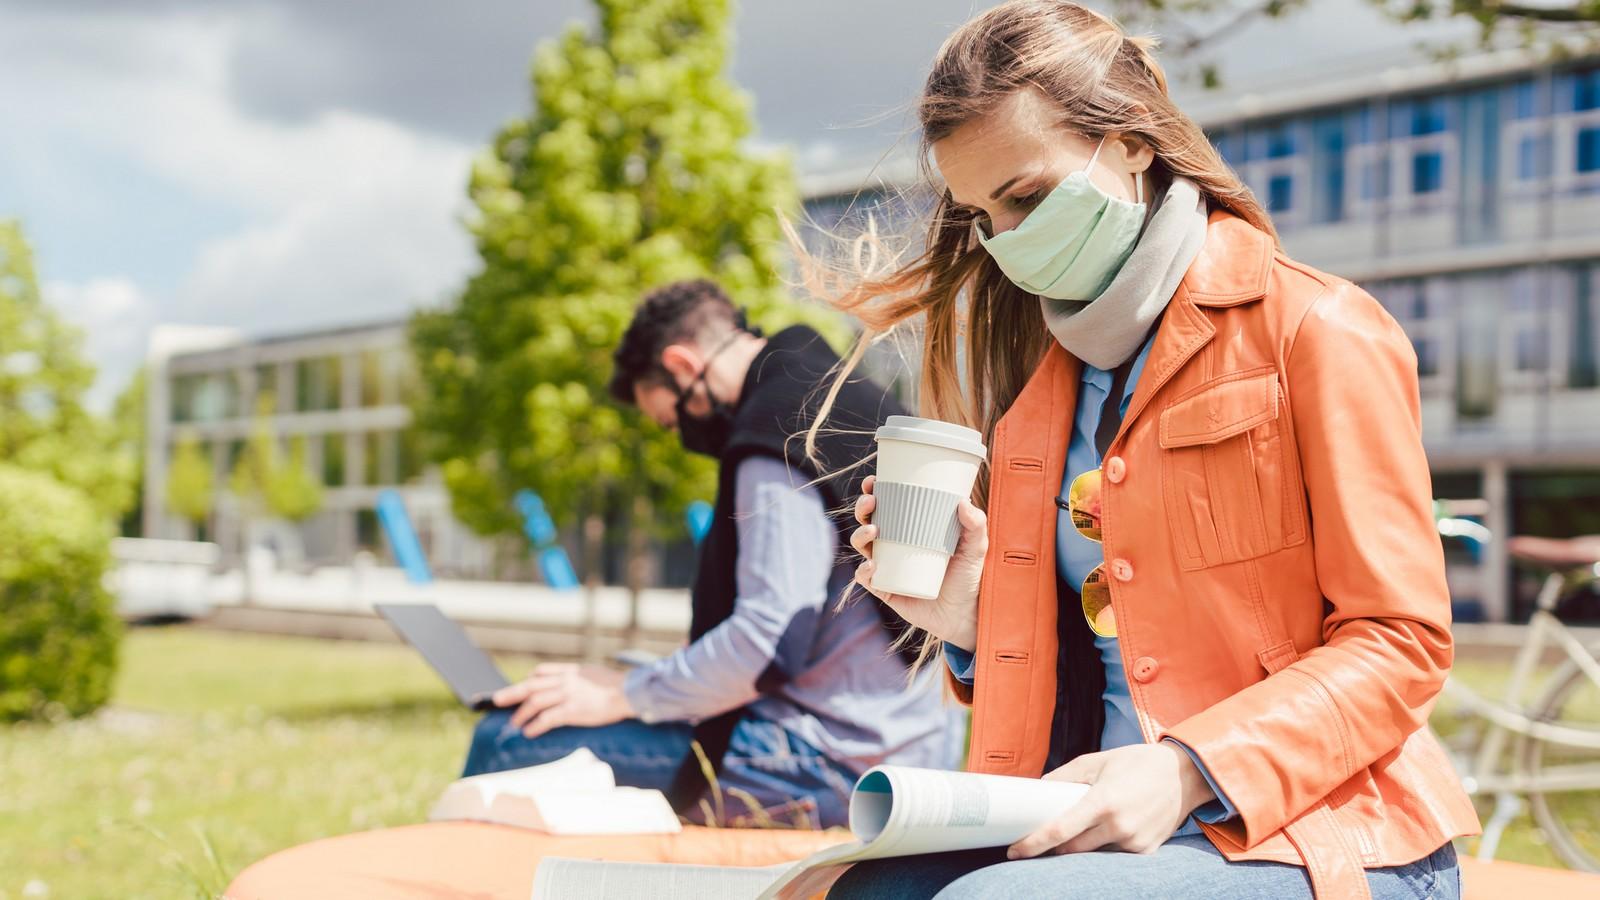 Maskenpflicht in Schulen